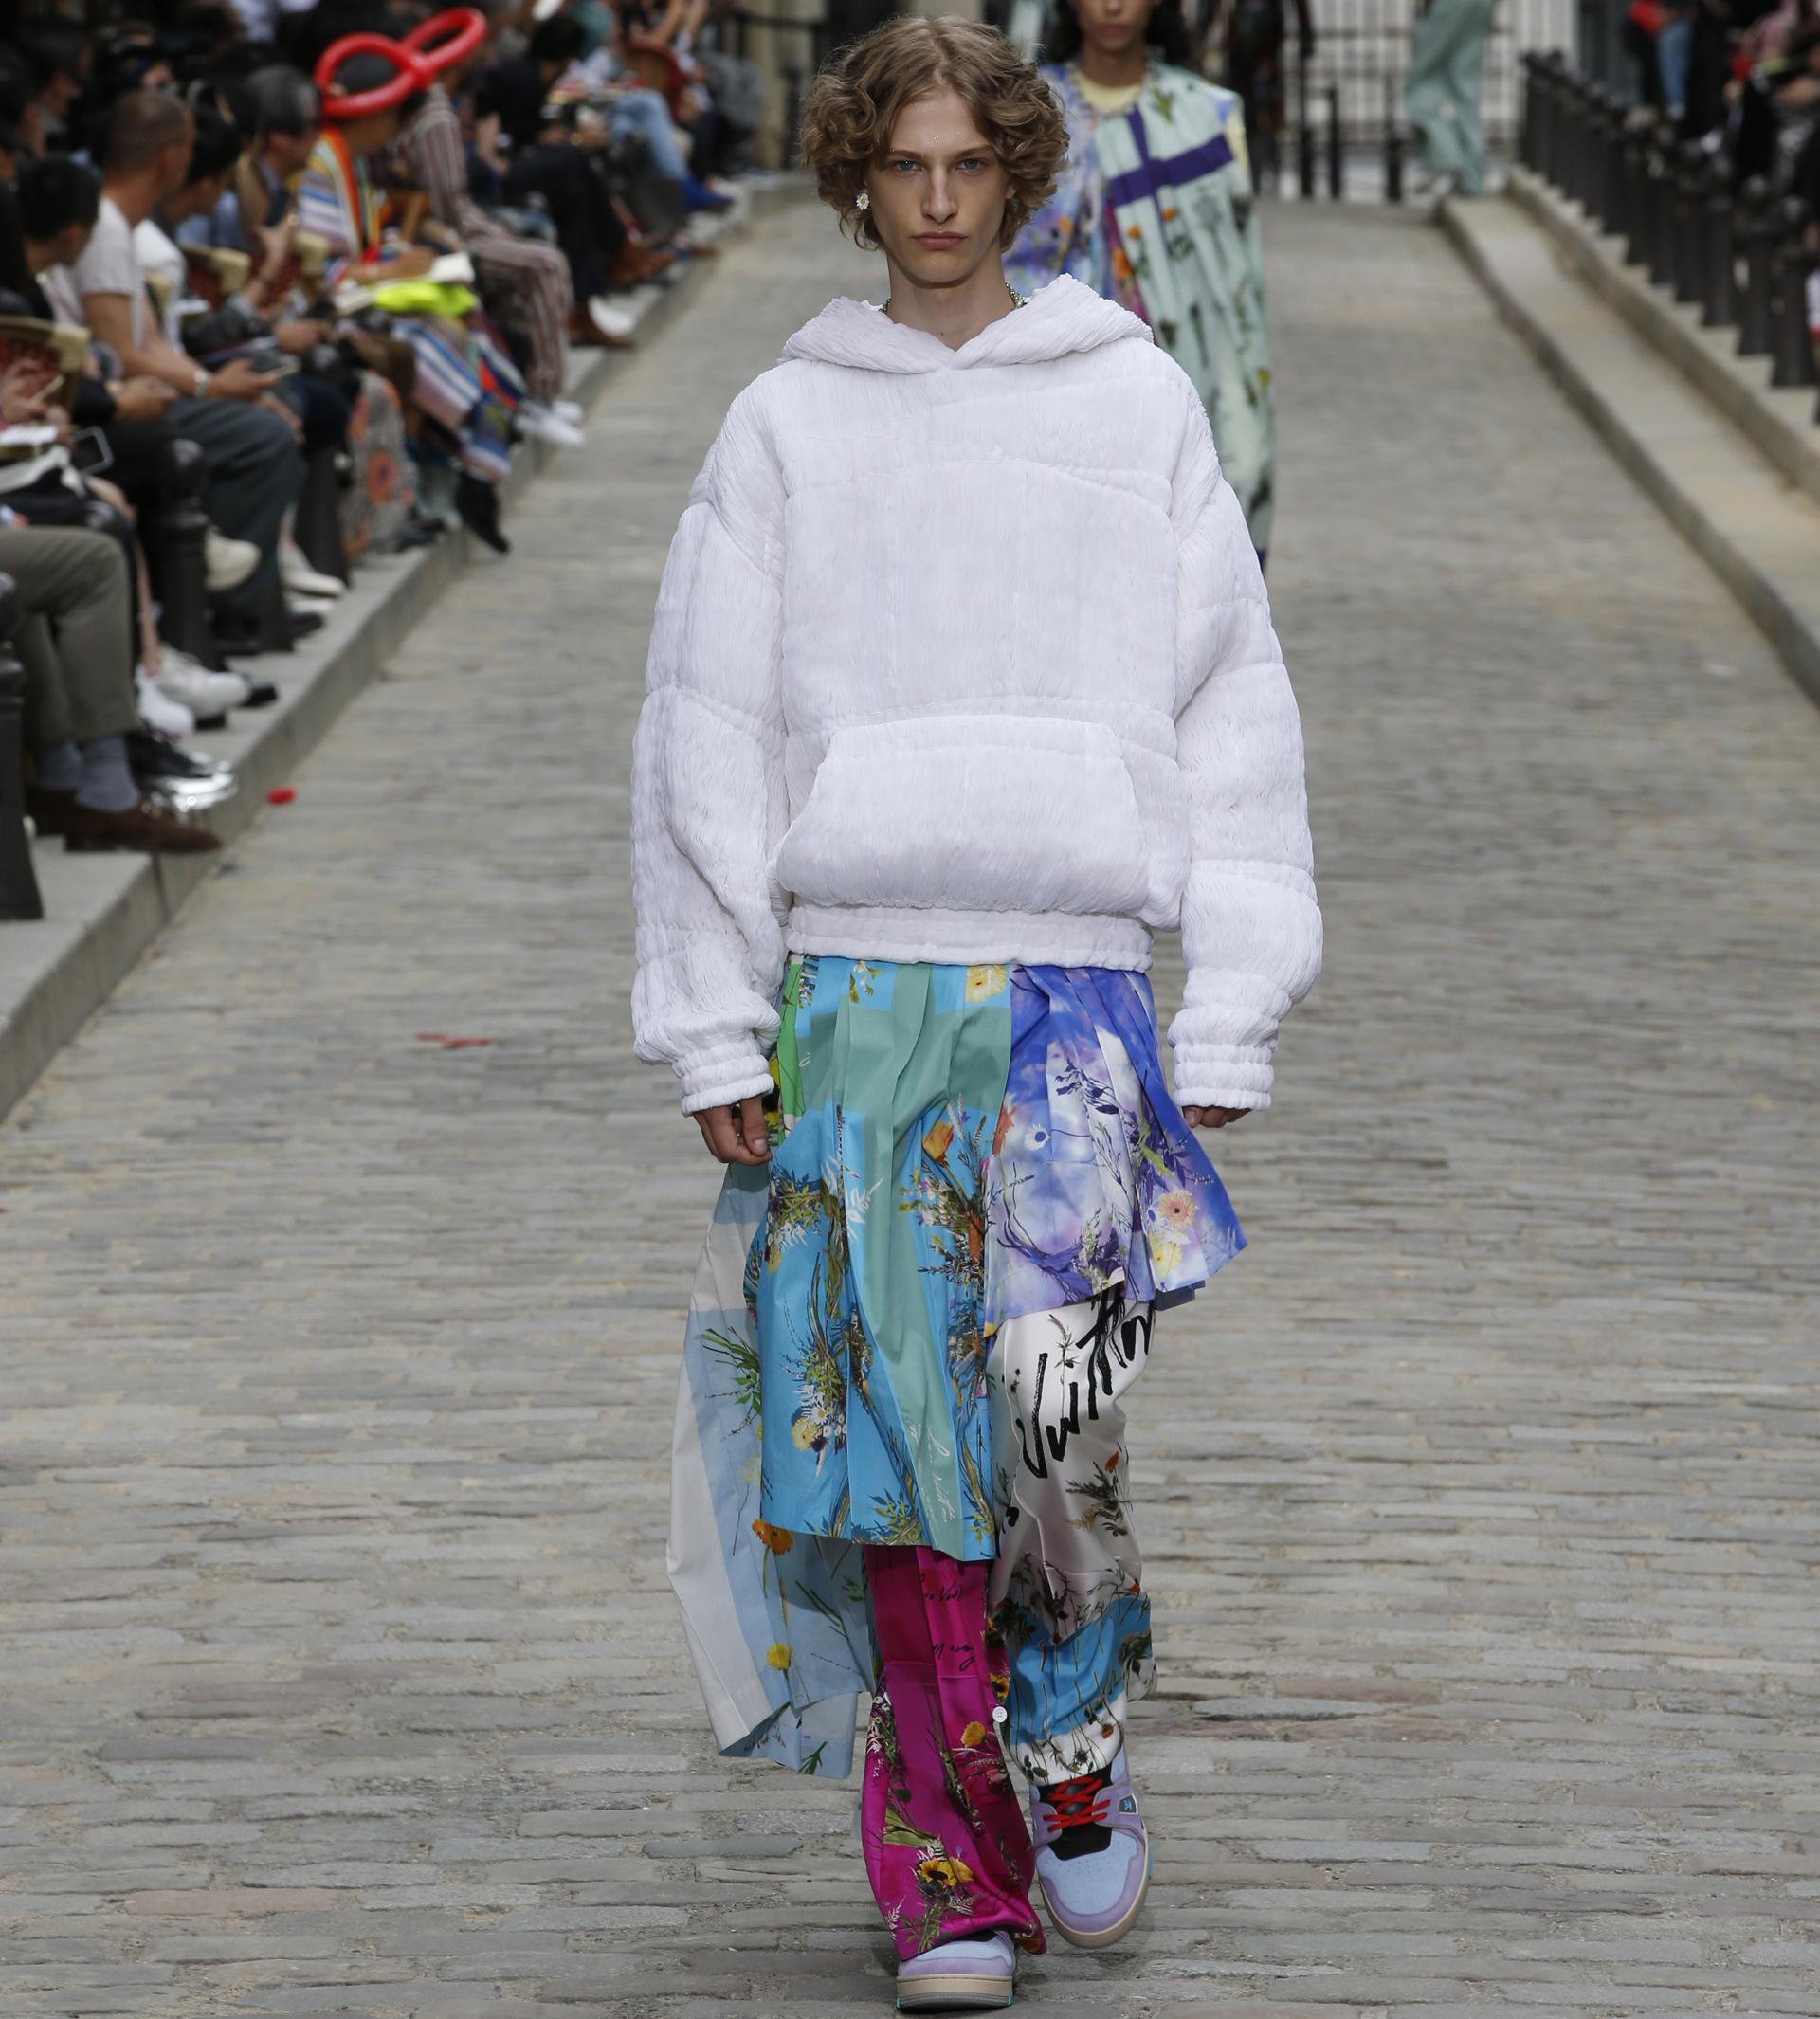 Para la colección de Louis Vuitton Primavera-Verano 2020, el director artístico de los hombres, Virgil Abloh, alienta el instinto, lo habitual y lo natural. Las flores, el elemento básico de la moda.